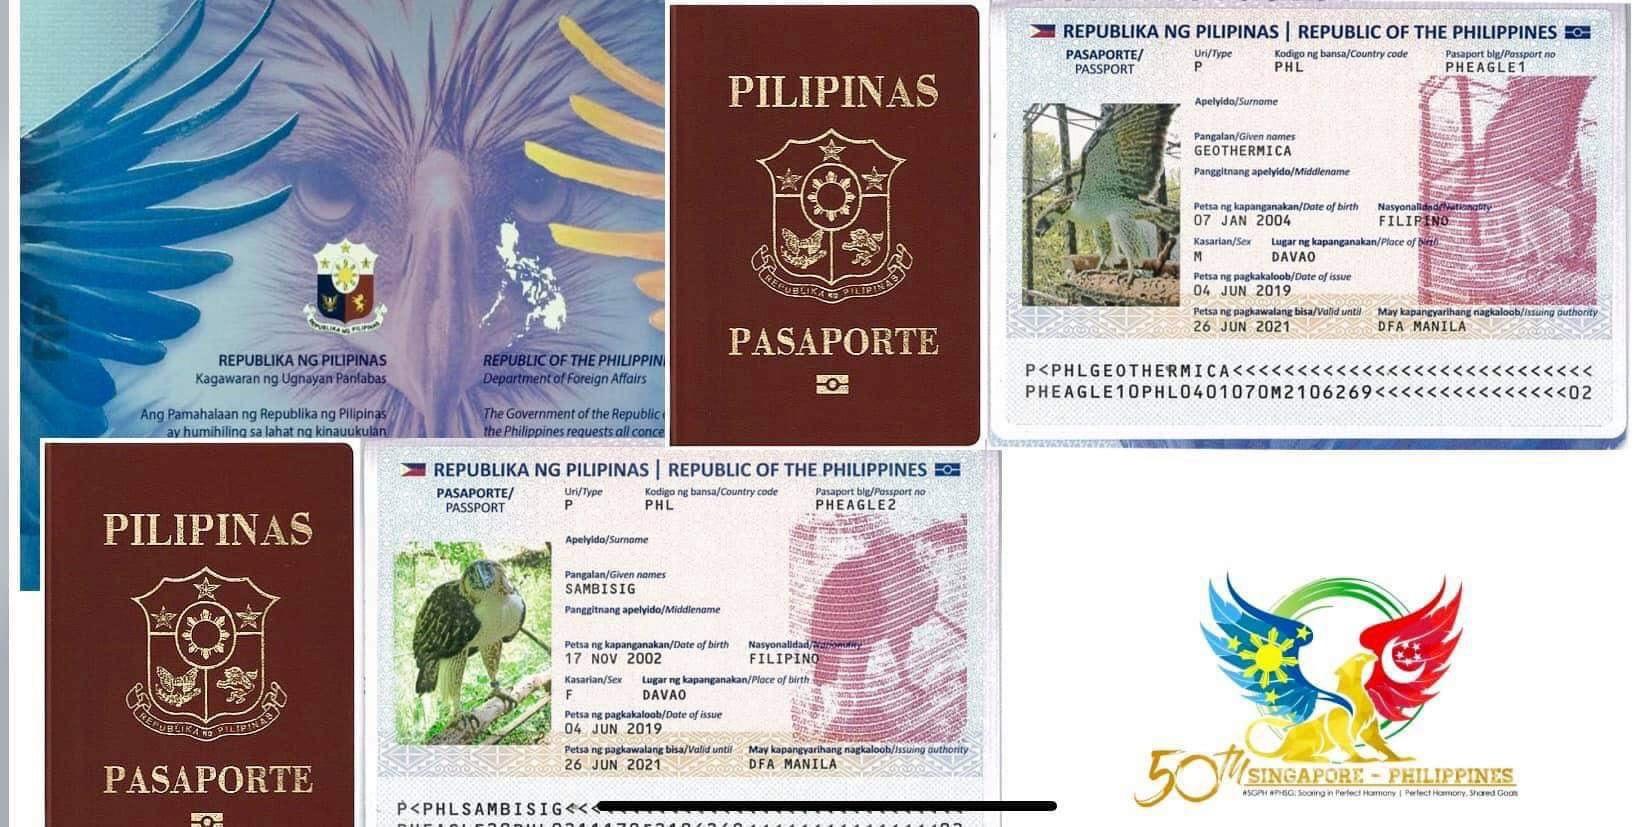 datation pangalan ng Pilipinas